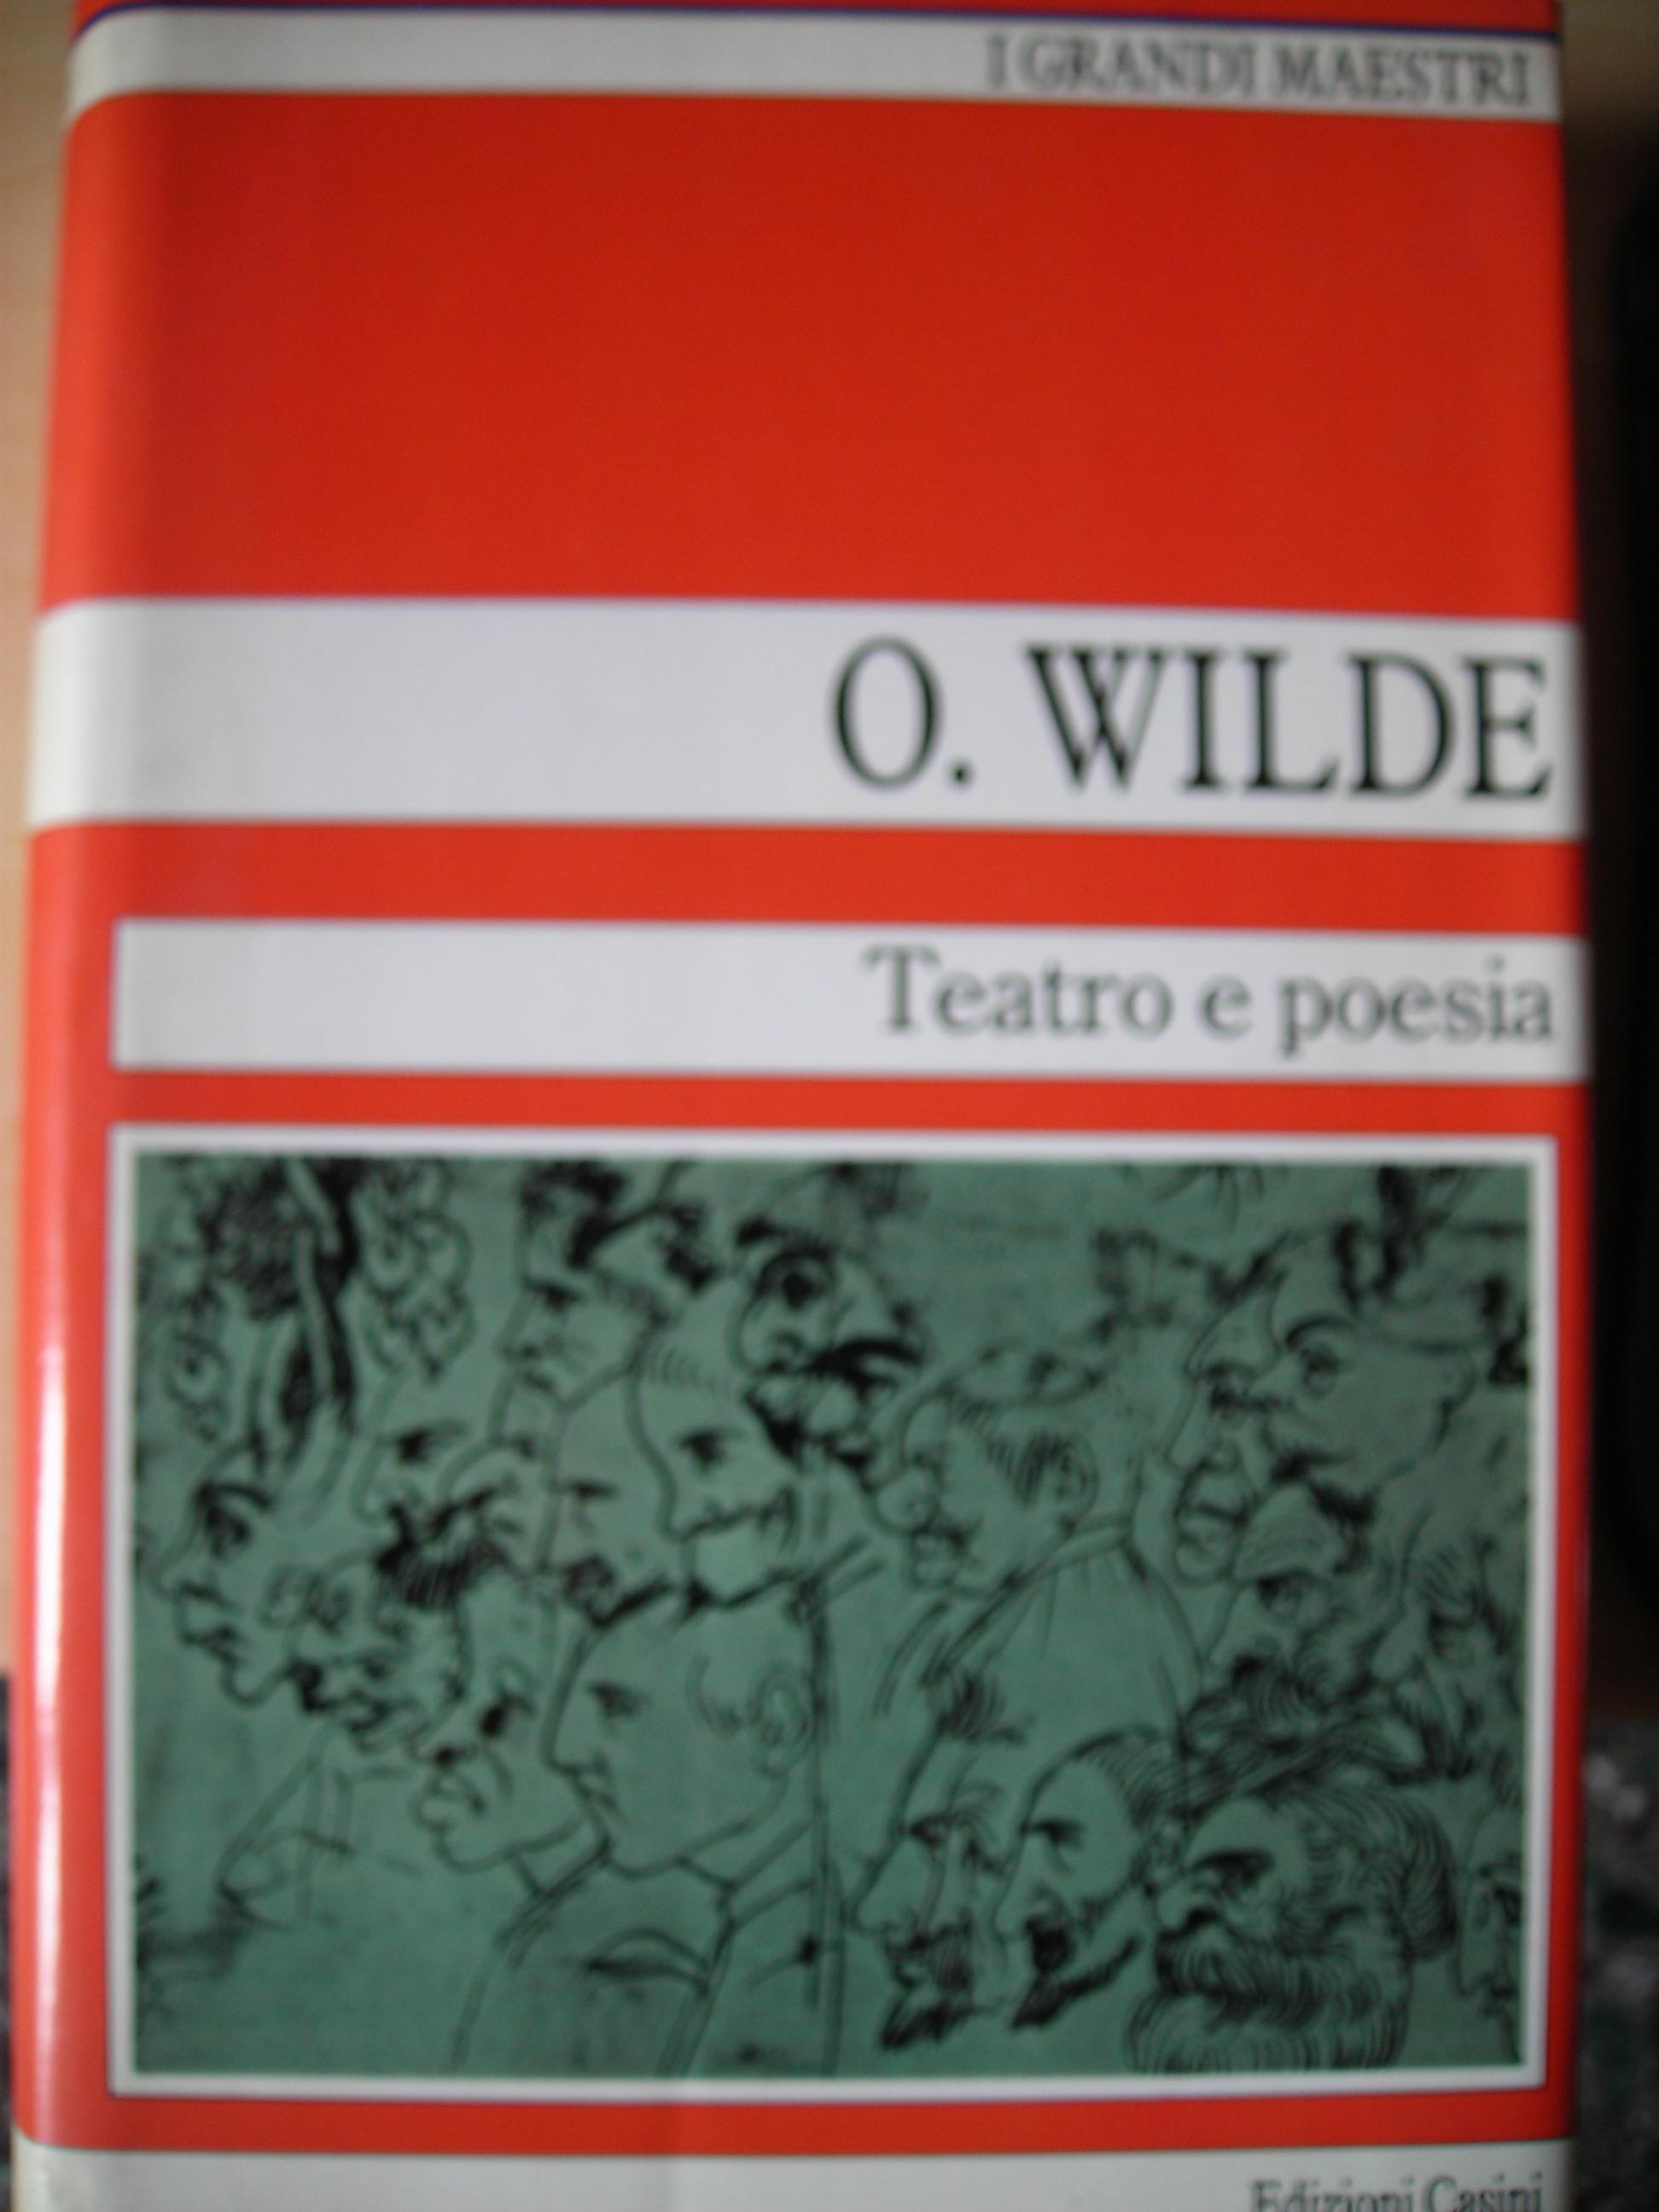 Teatro e poesia